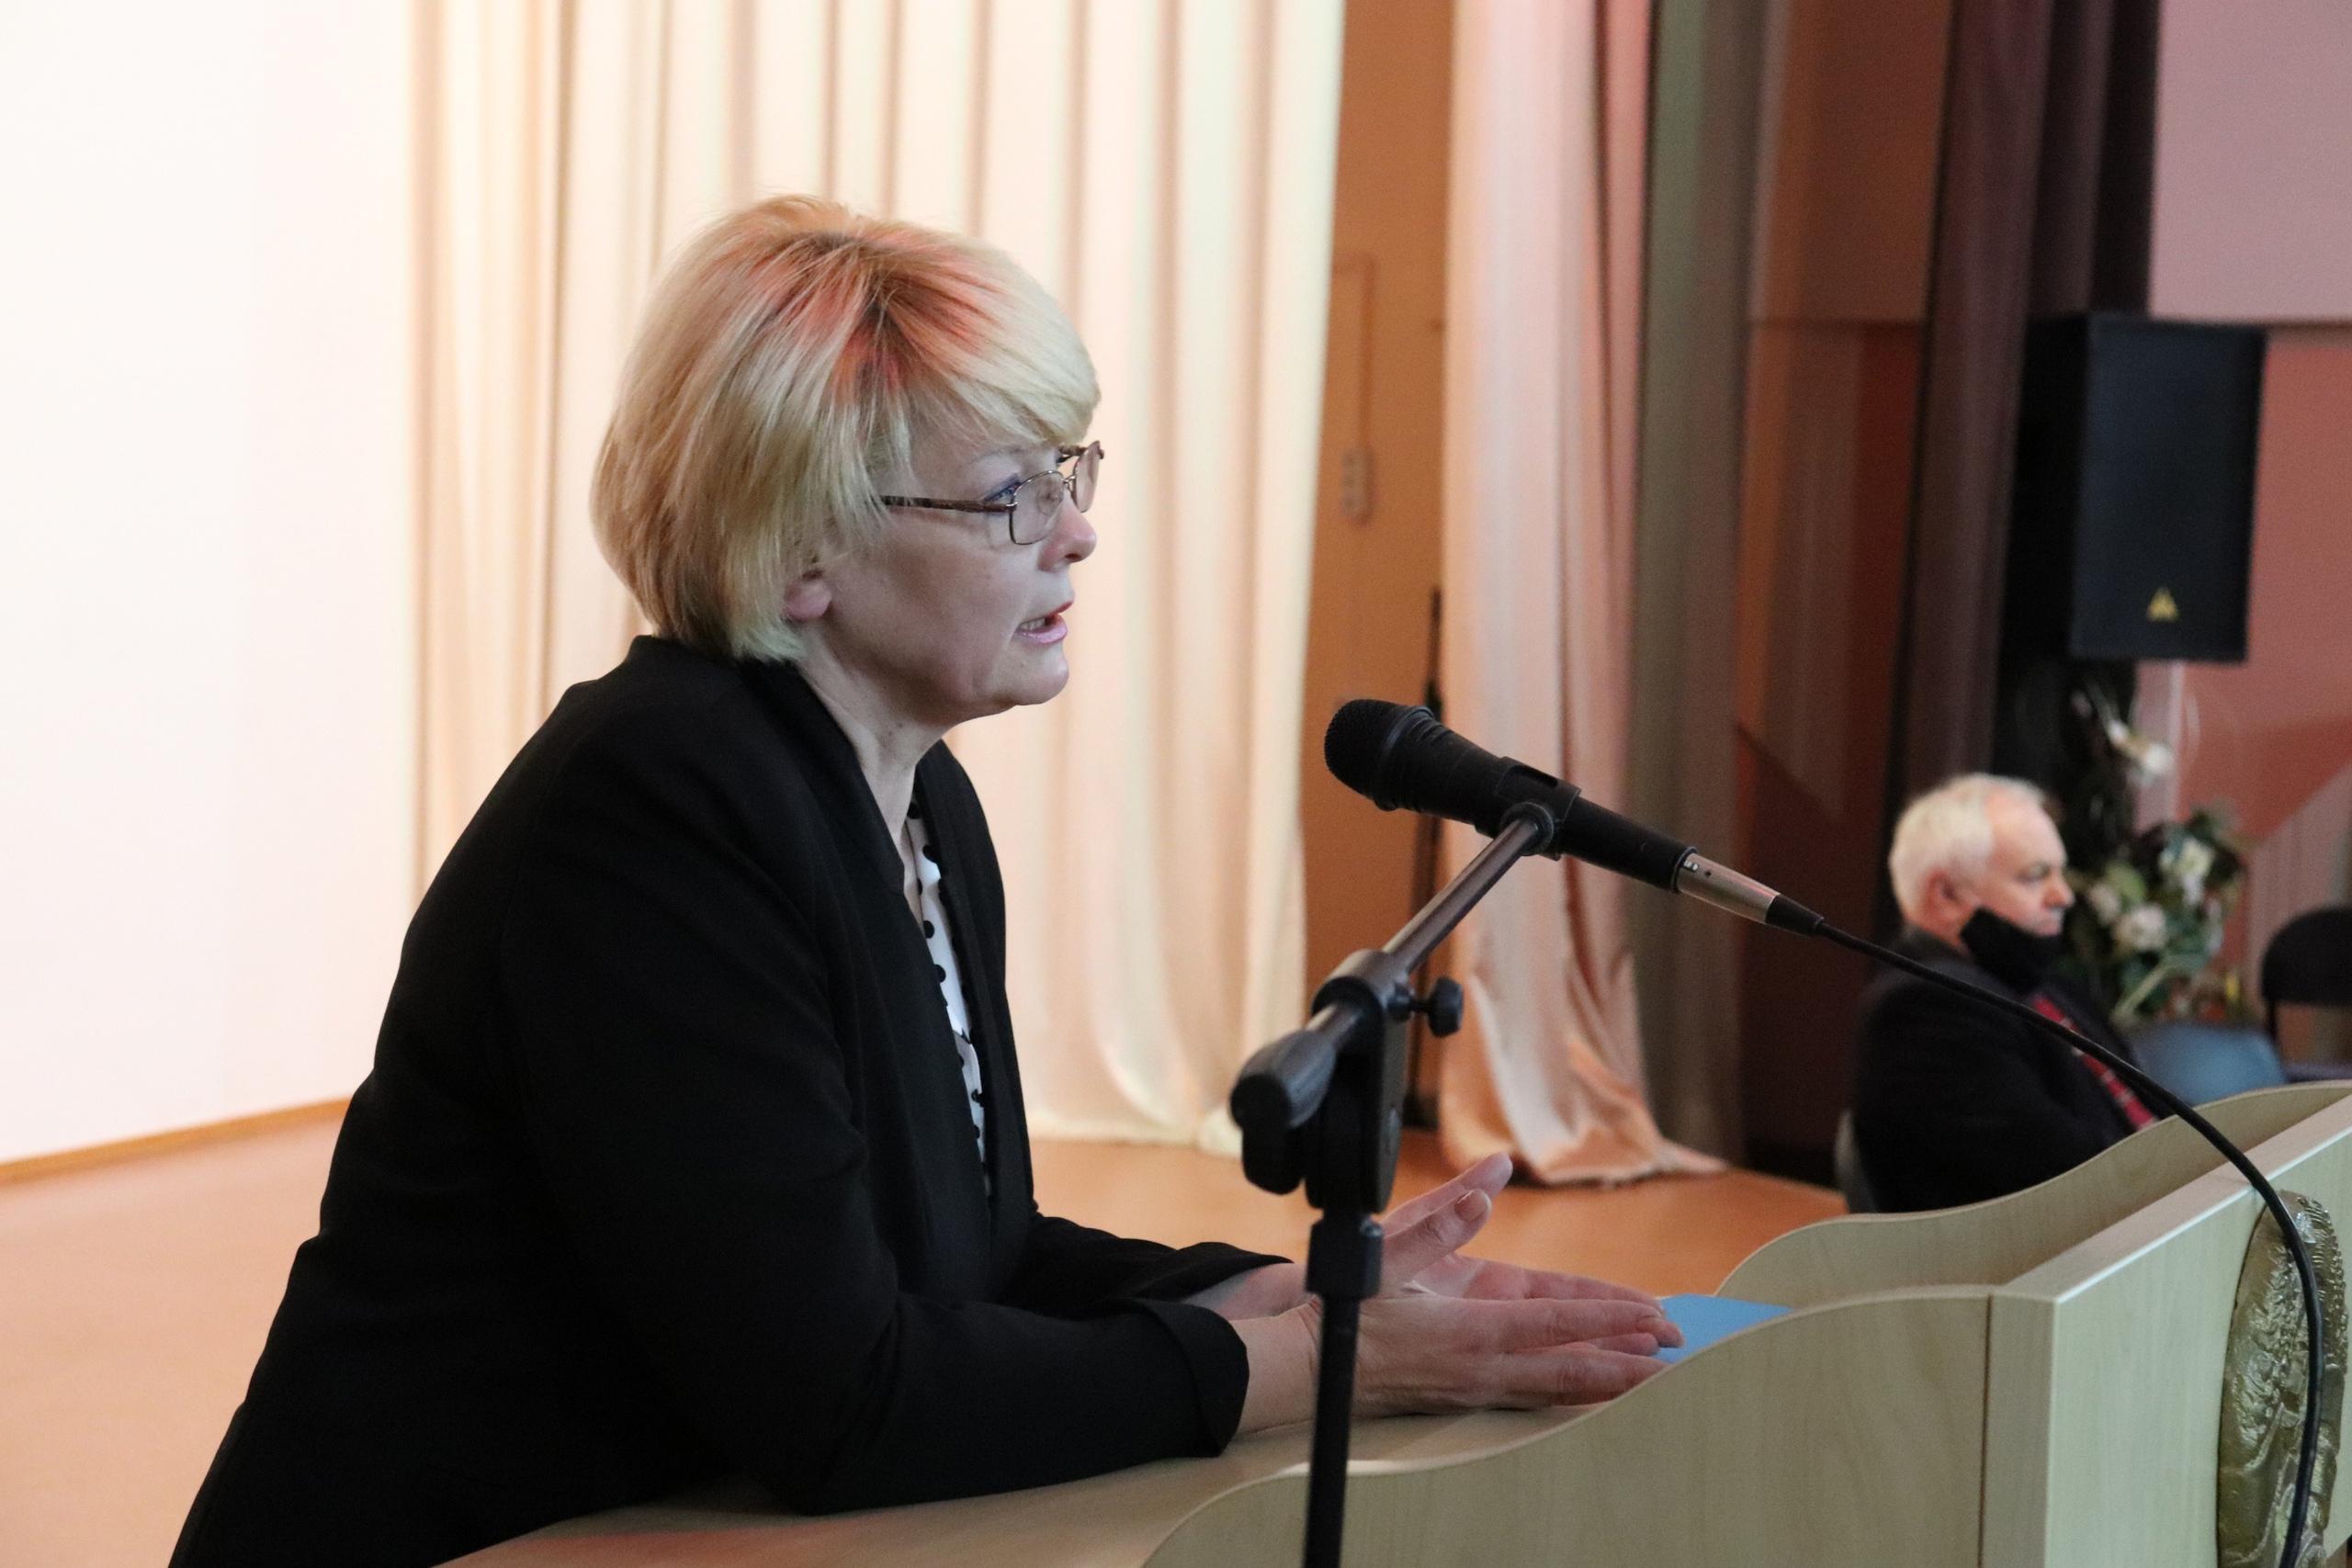 Встреча учащихся с заместителем председателя постоянной комиссии по образованию, науке и культуре национального собрания РБ - Лилией Воцлавовной Кирьяк